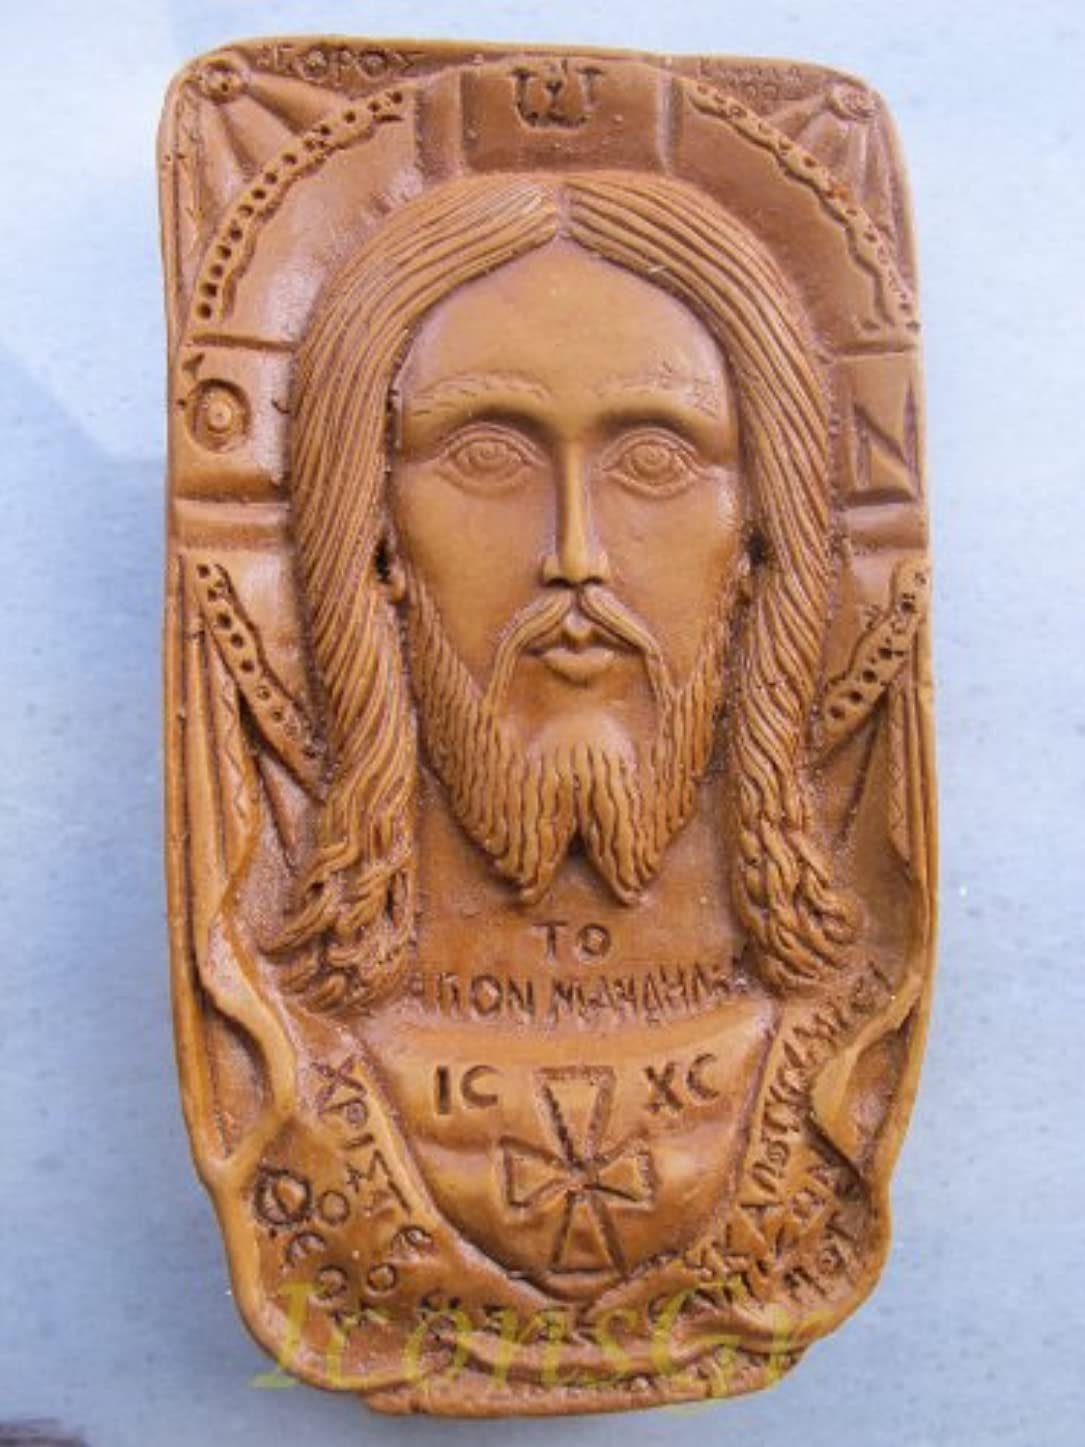 関与する把握橋脚Handmade Carved Aromaticワックスから祝福アイコンアトスのマンディリオン125